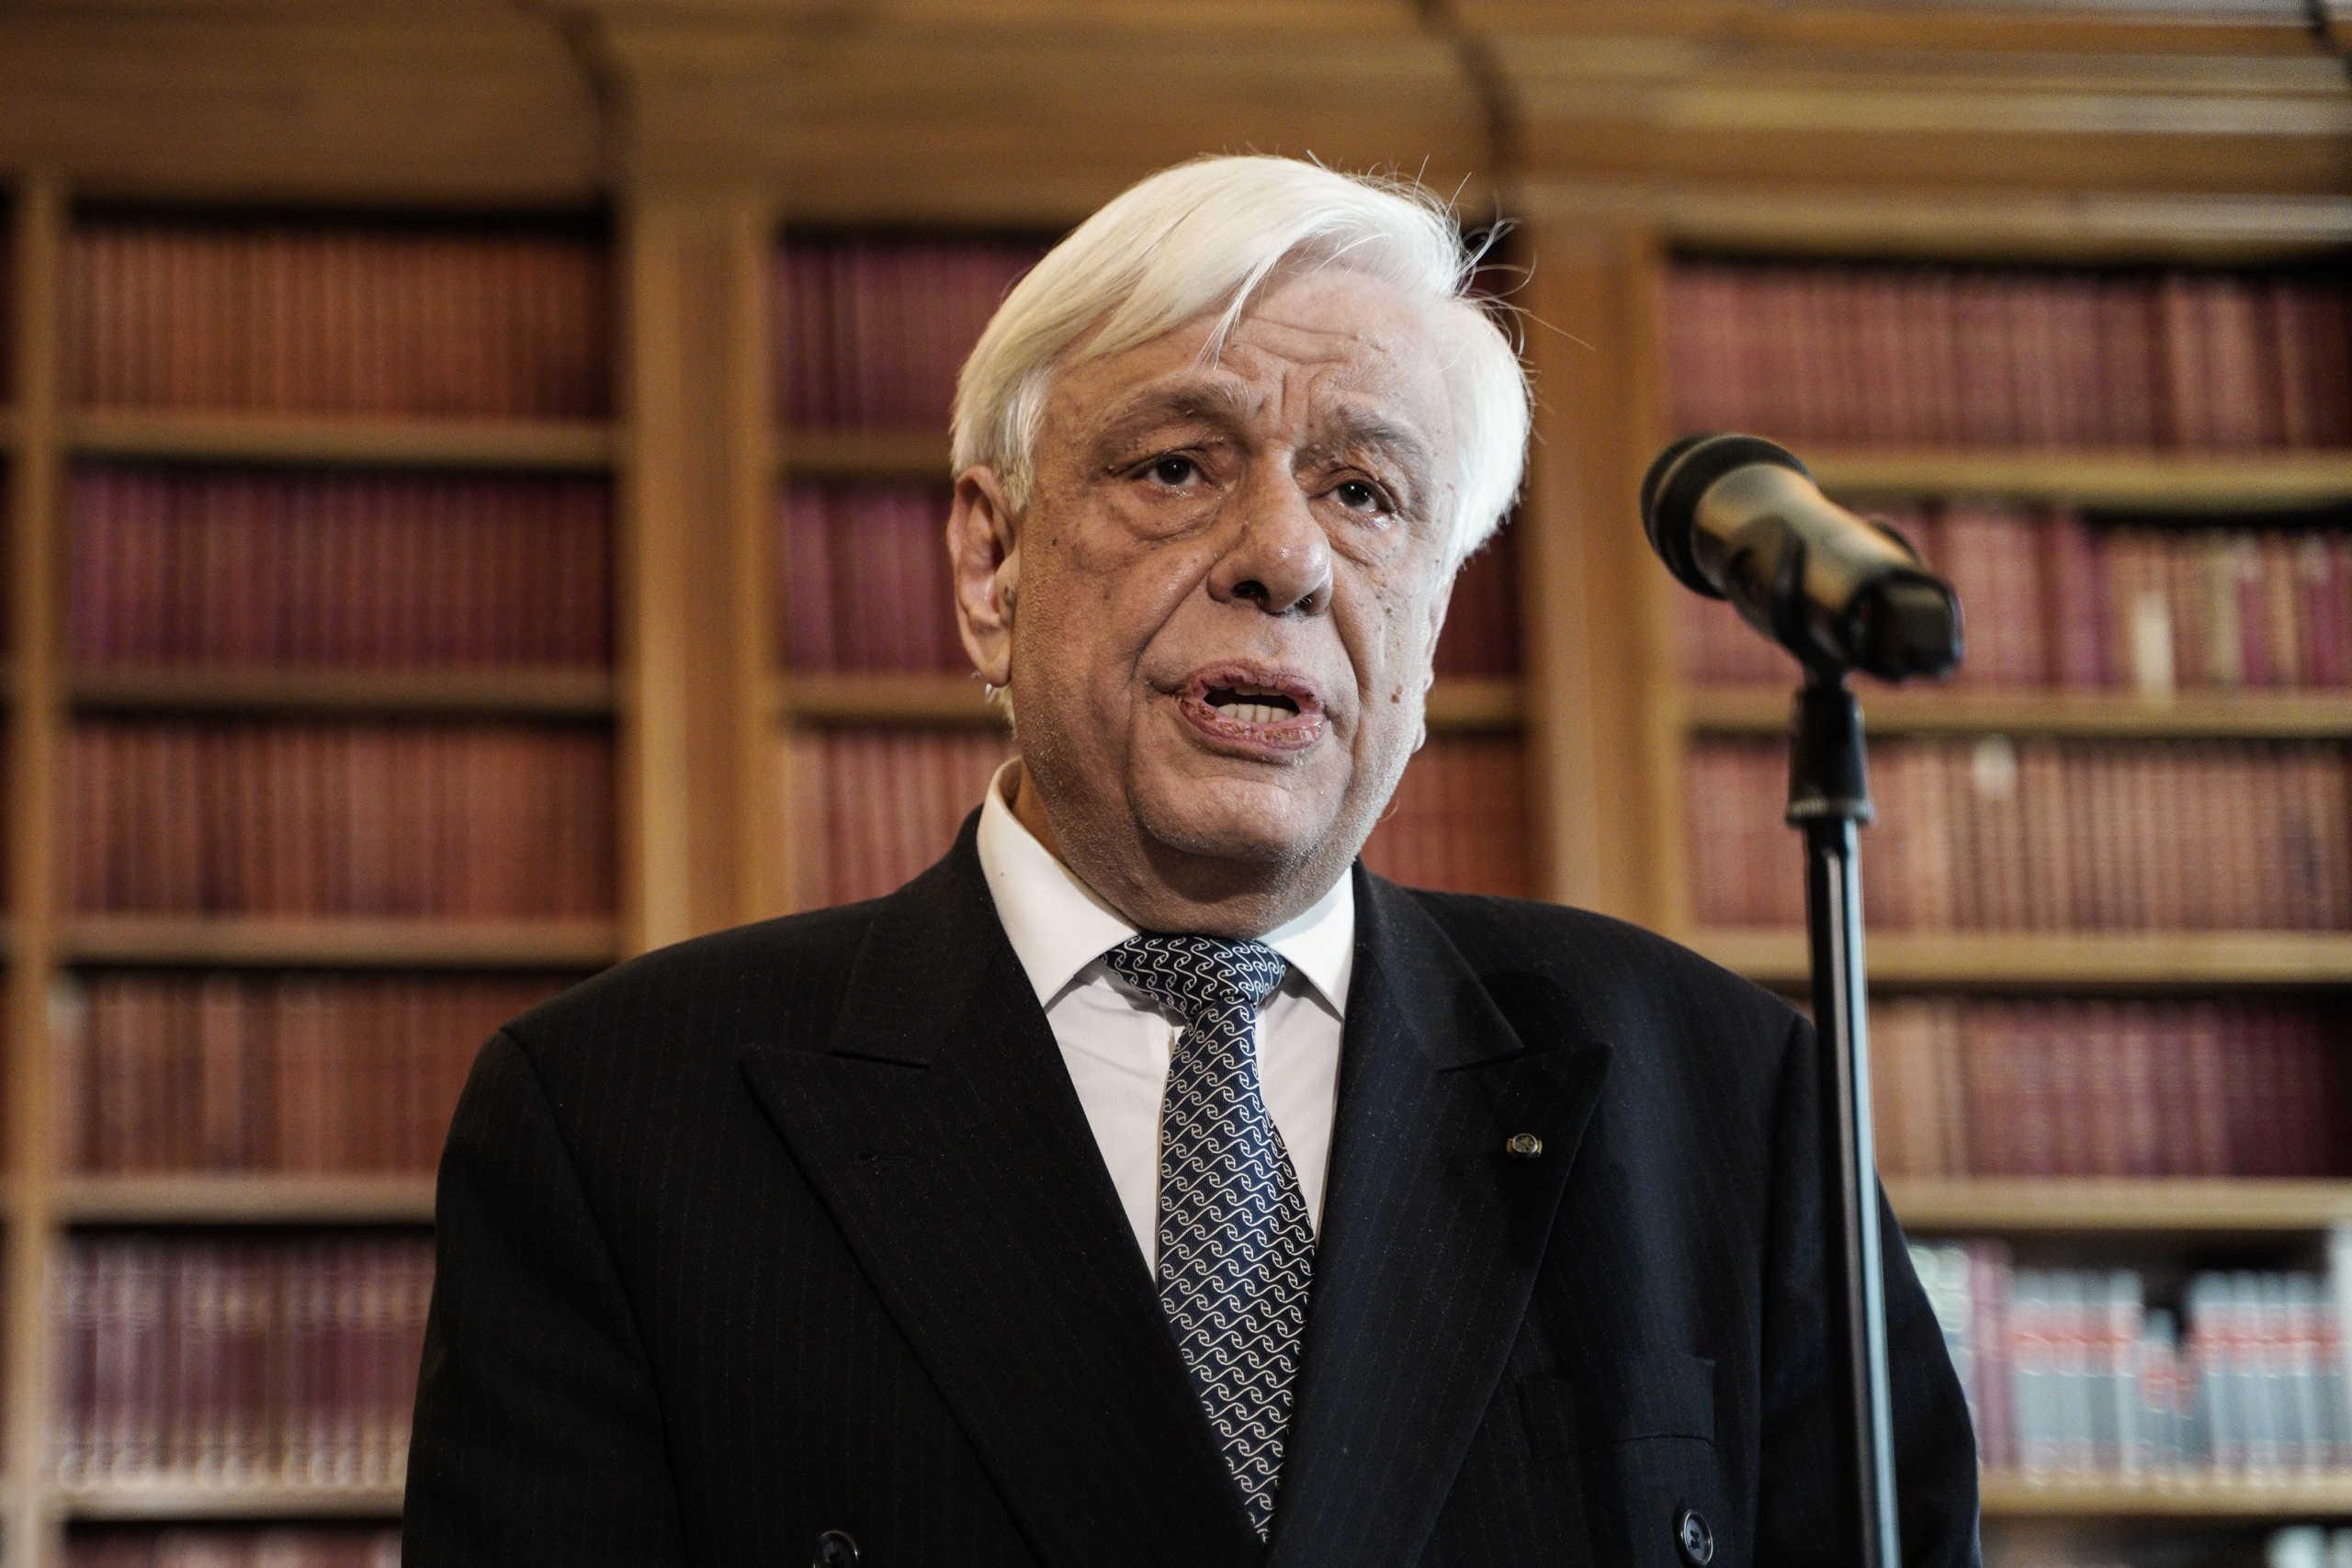 Παυλόπουλος: Γιατί πρέπει να συμπράξει ευθέως η ΕΕ στην οριοθέτηση της Ευρωπαϊκής ΑΟΖ